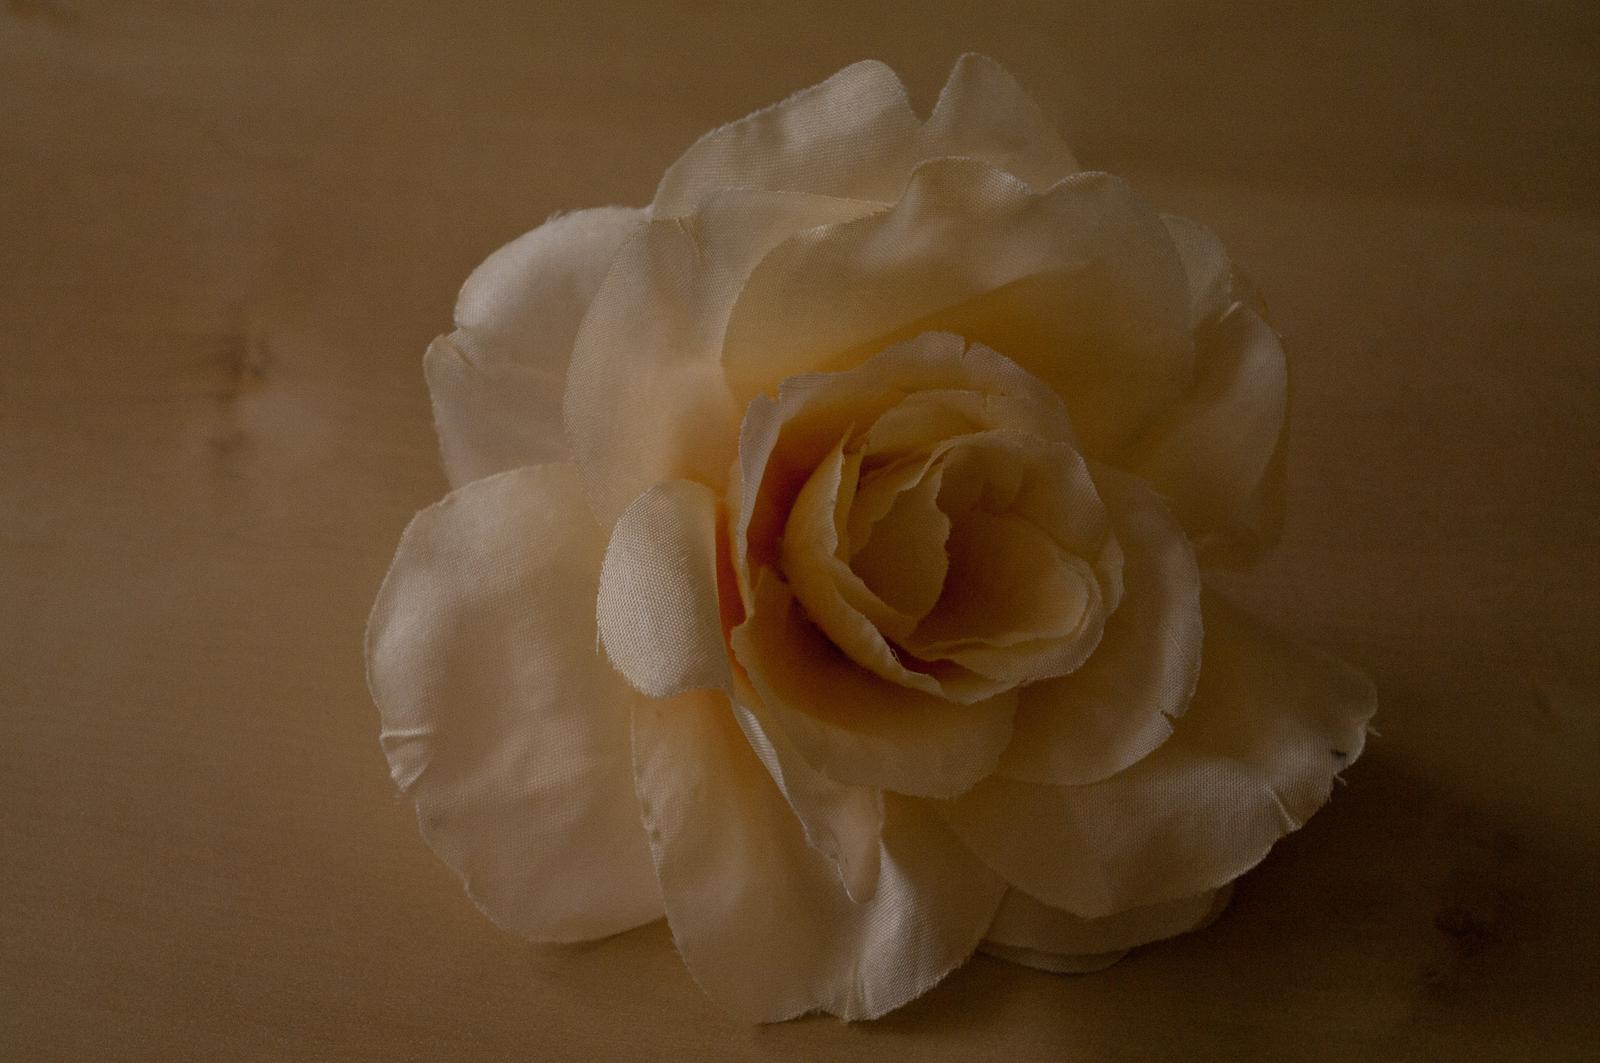 Velký květ růže 25 ks - Obrázek č. 1